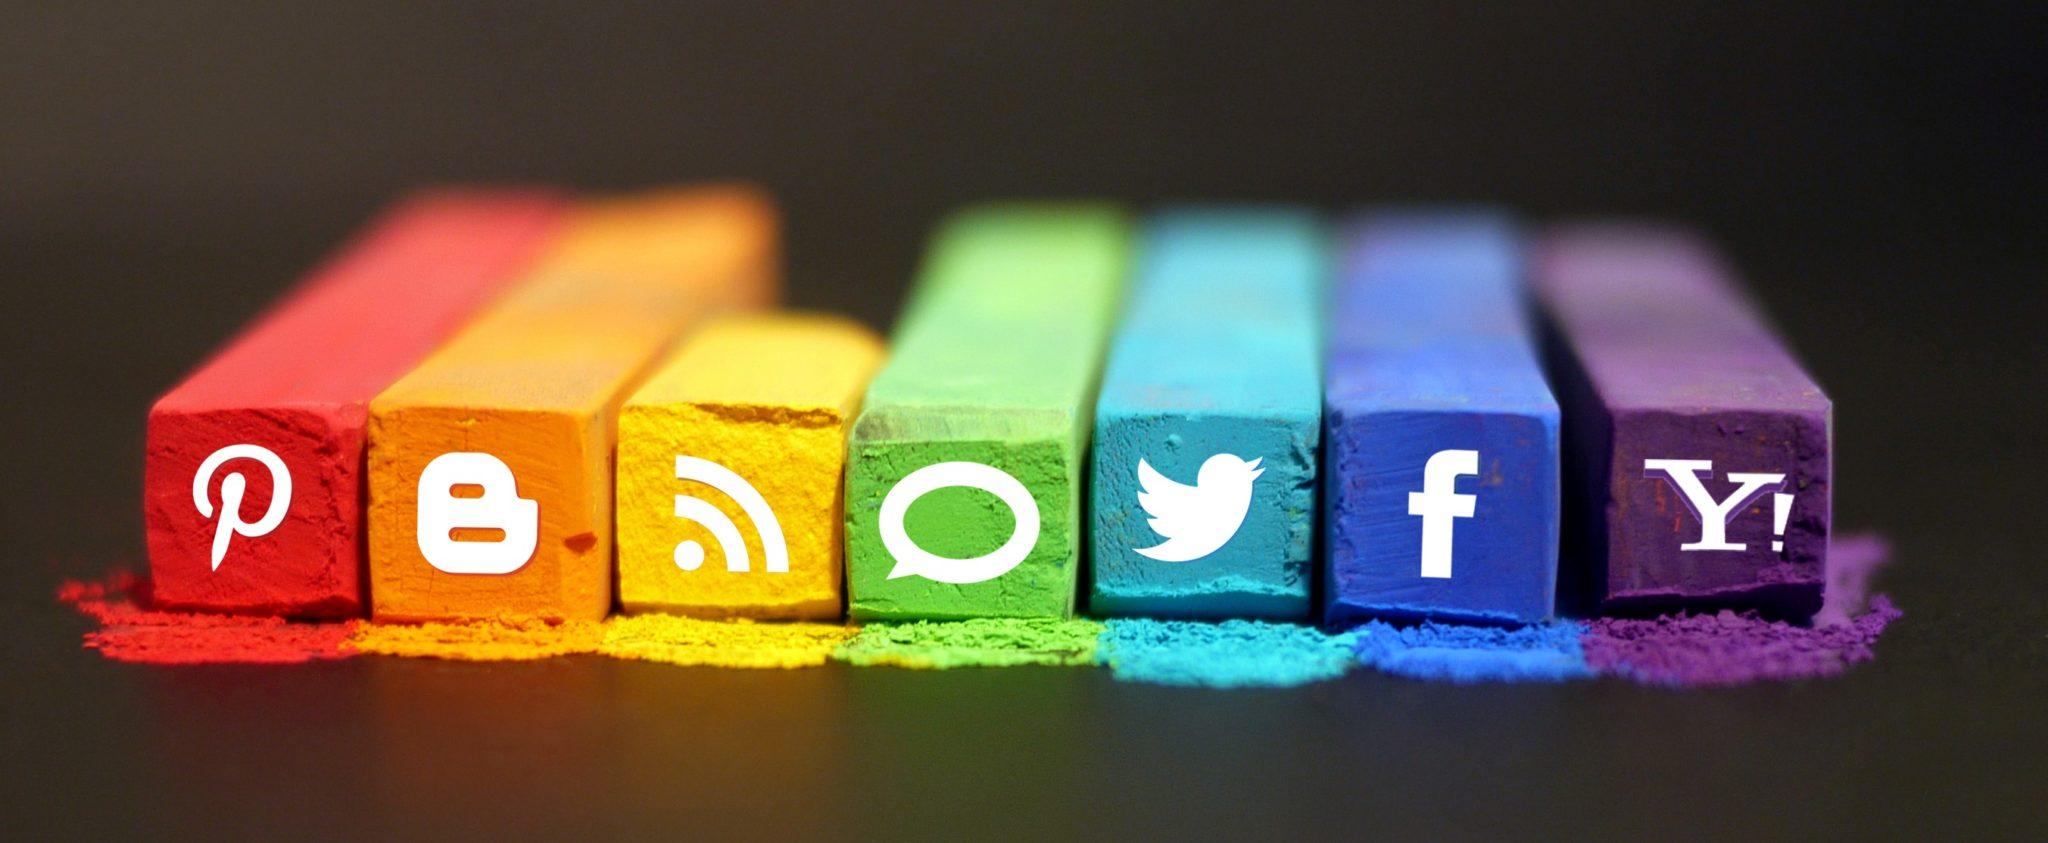 the_art_of_social_media-2